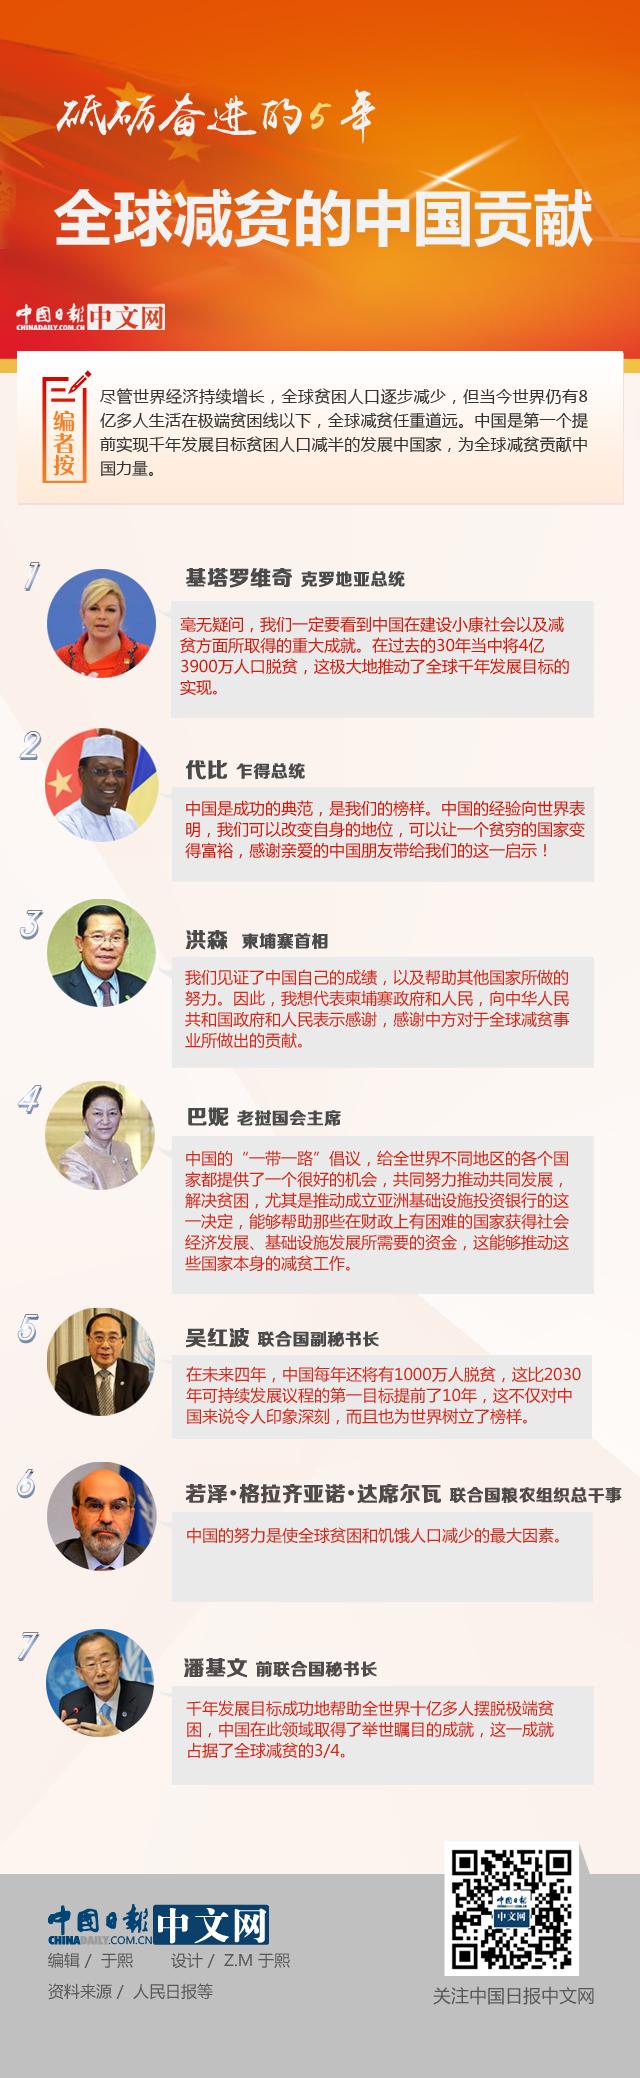 砥砺奋进的五年:全球减贫的中国贡献